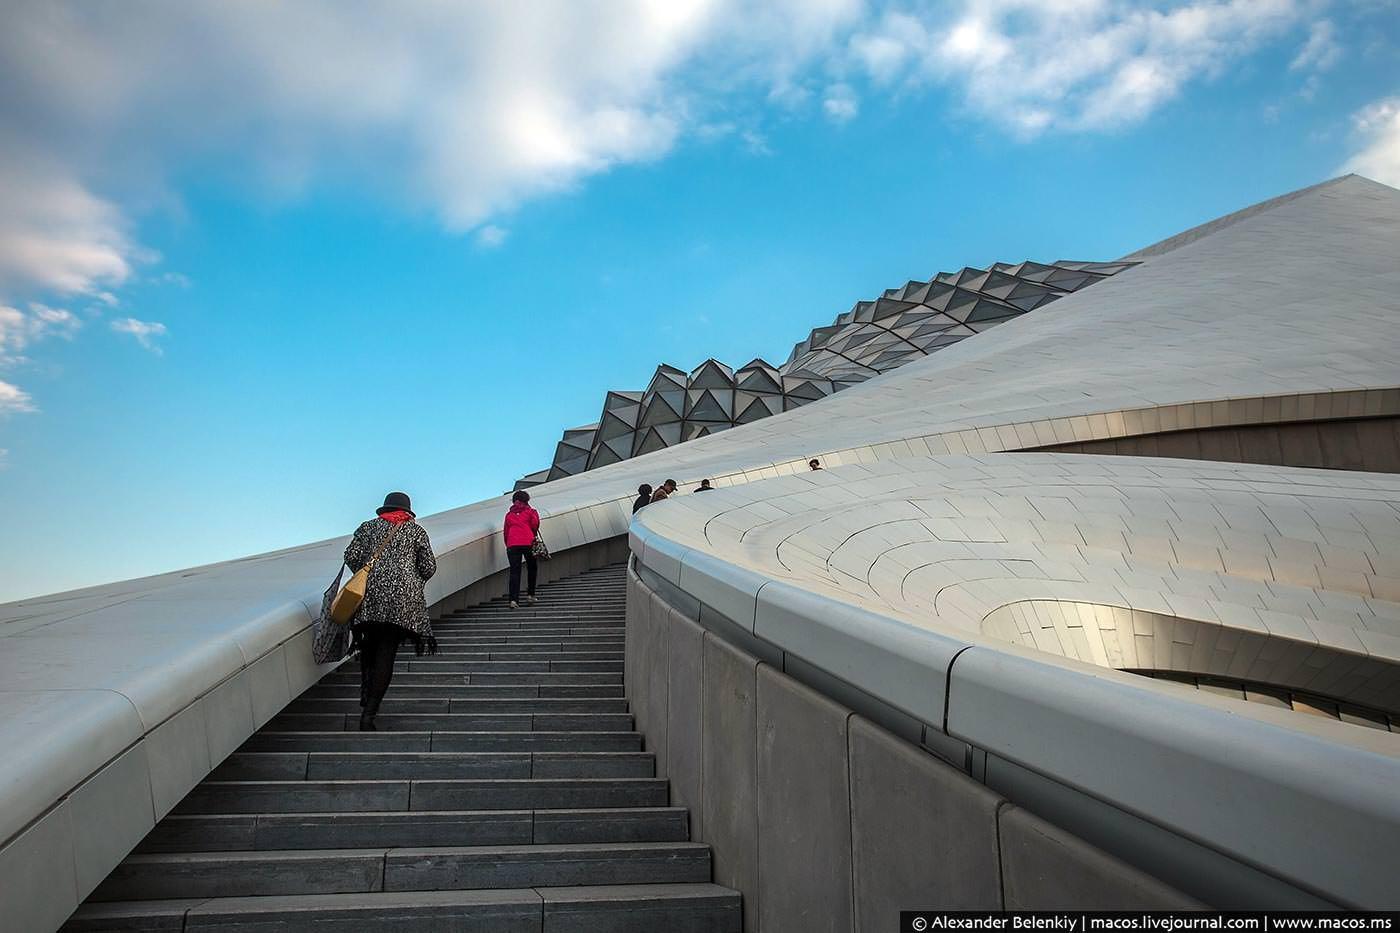 Фото Харбинский оперный театр. China, Heilongjiang Sheng, Haerbin Shi, Unnamed Road